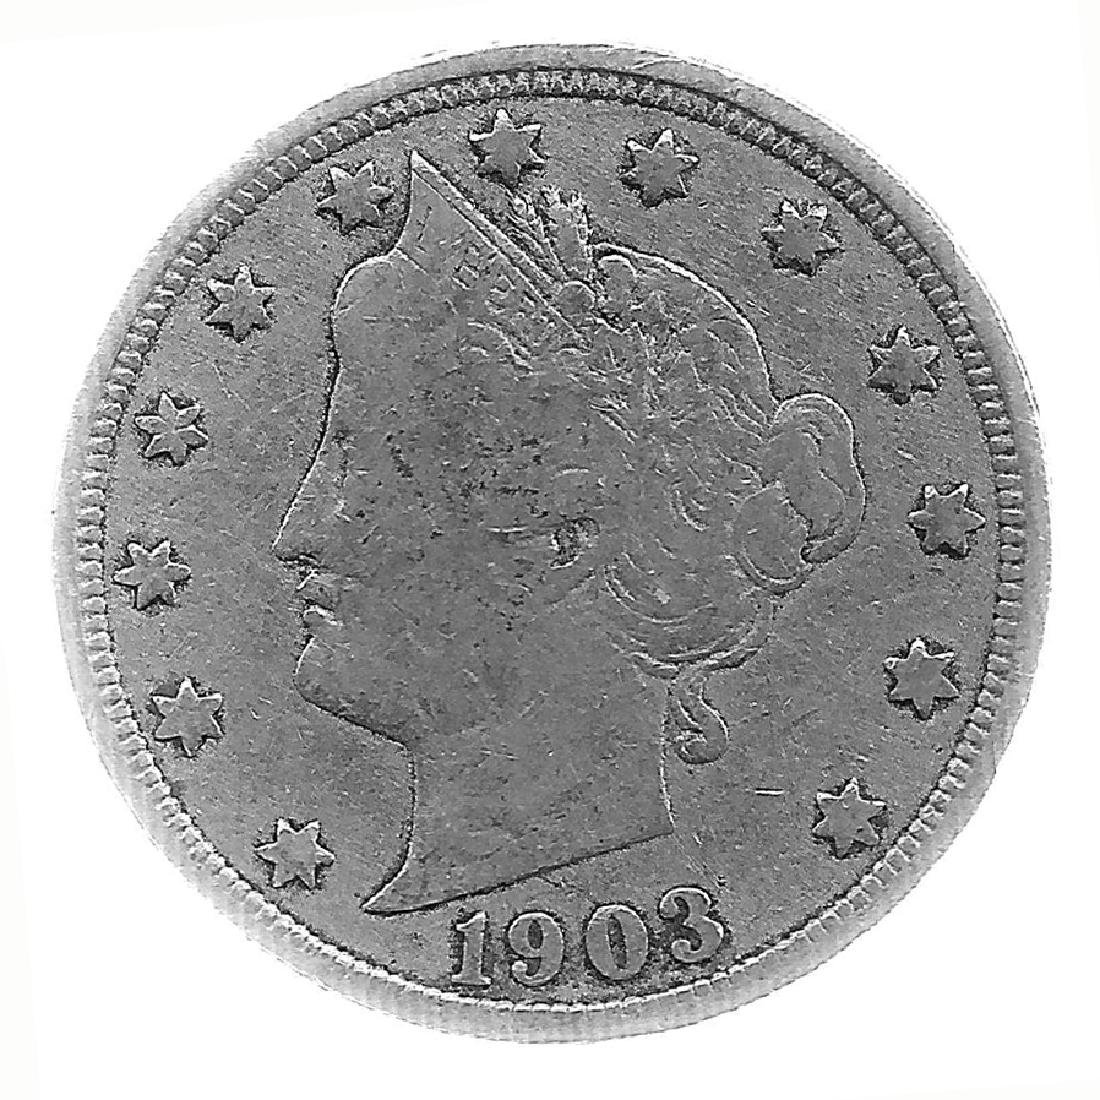 1903 Better Grade Lib 5c Partial Liberty Showing